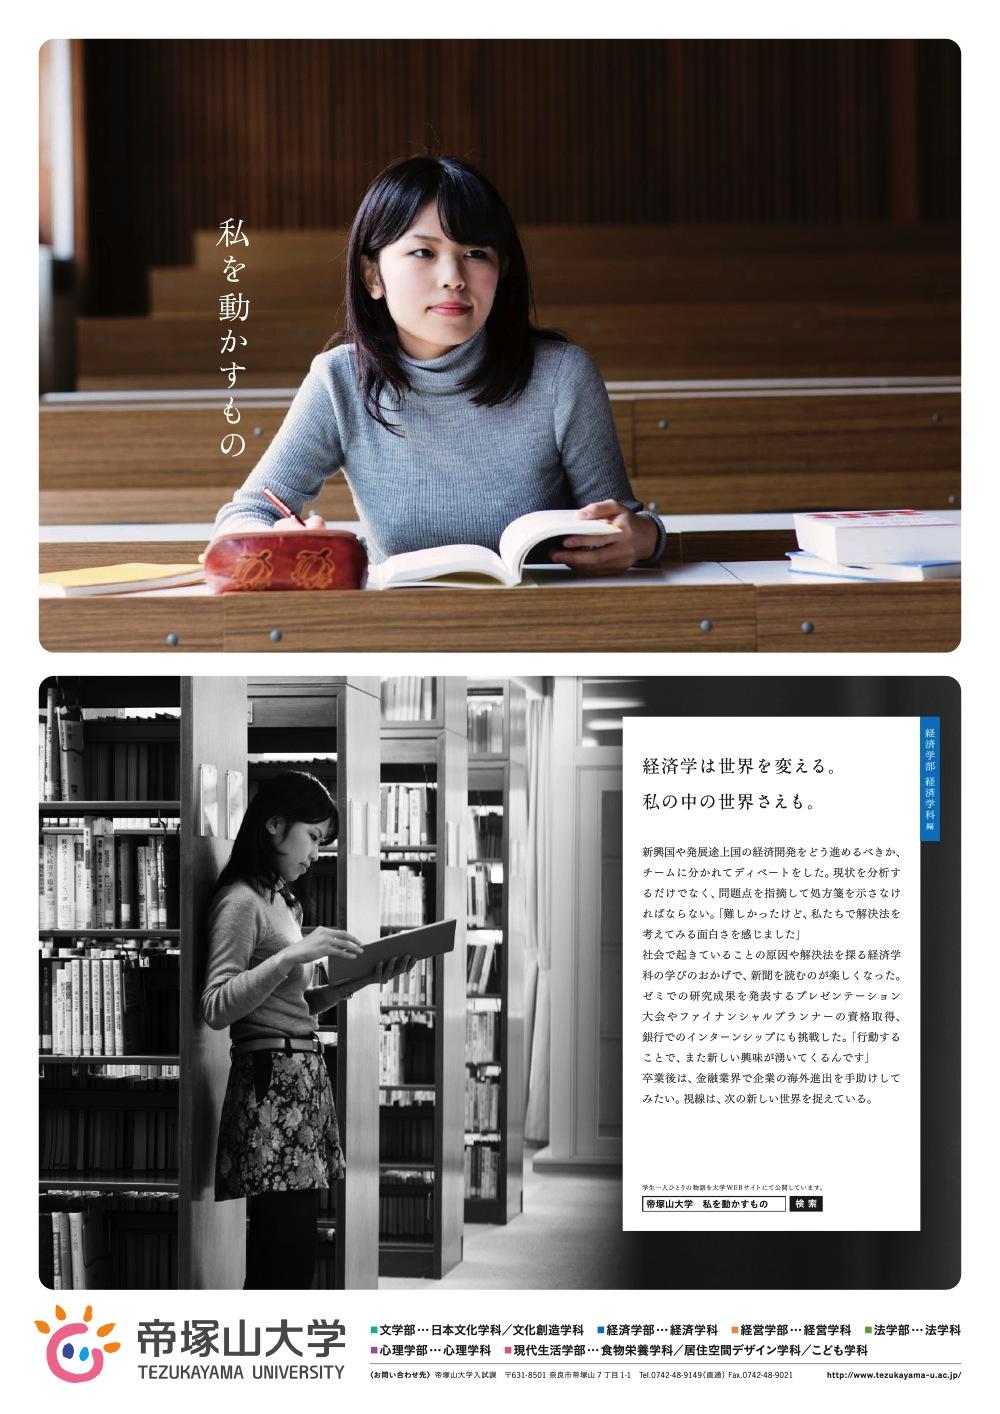 帝塚山大学 広告 パンフレット photo by takafumi matsumura. 松村隆史の写真